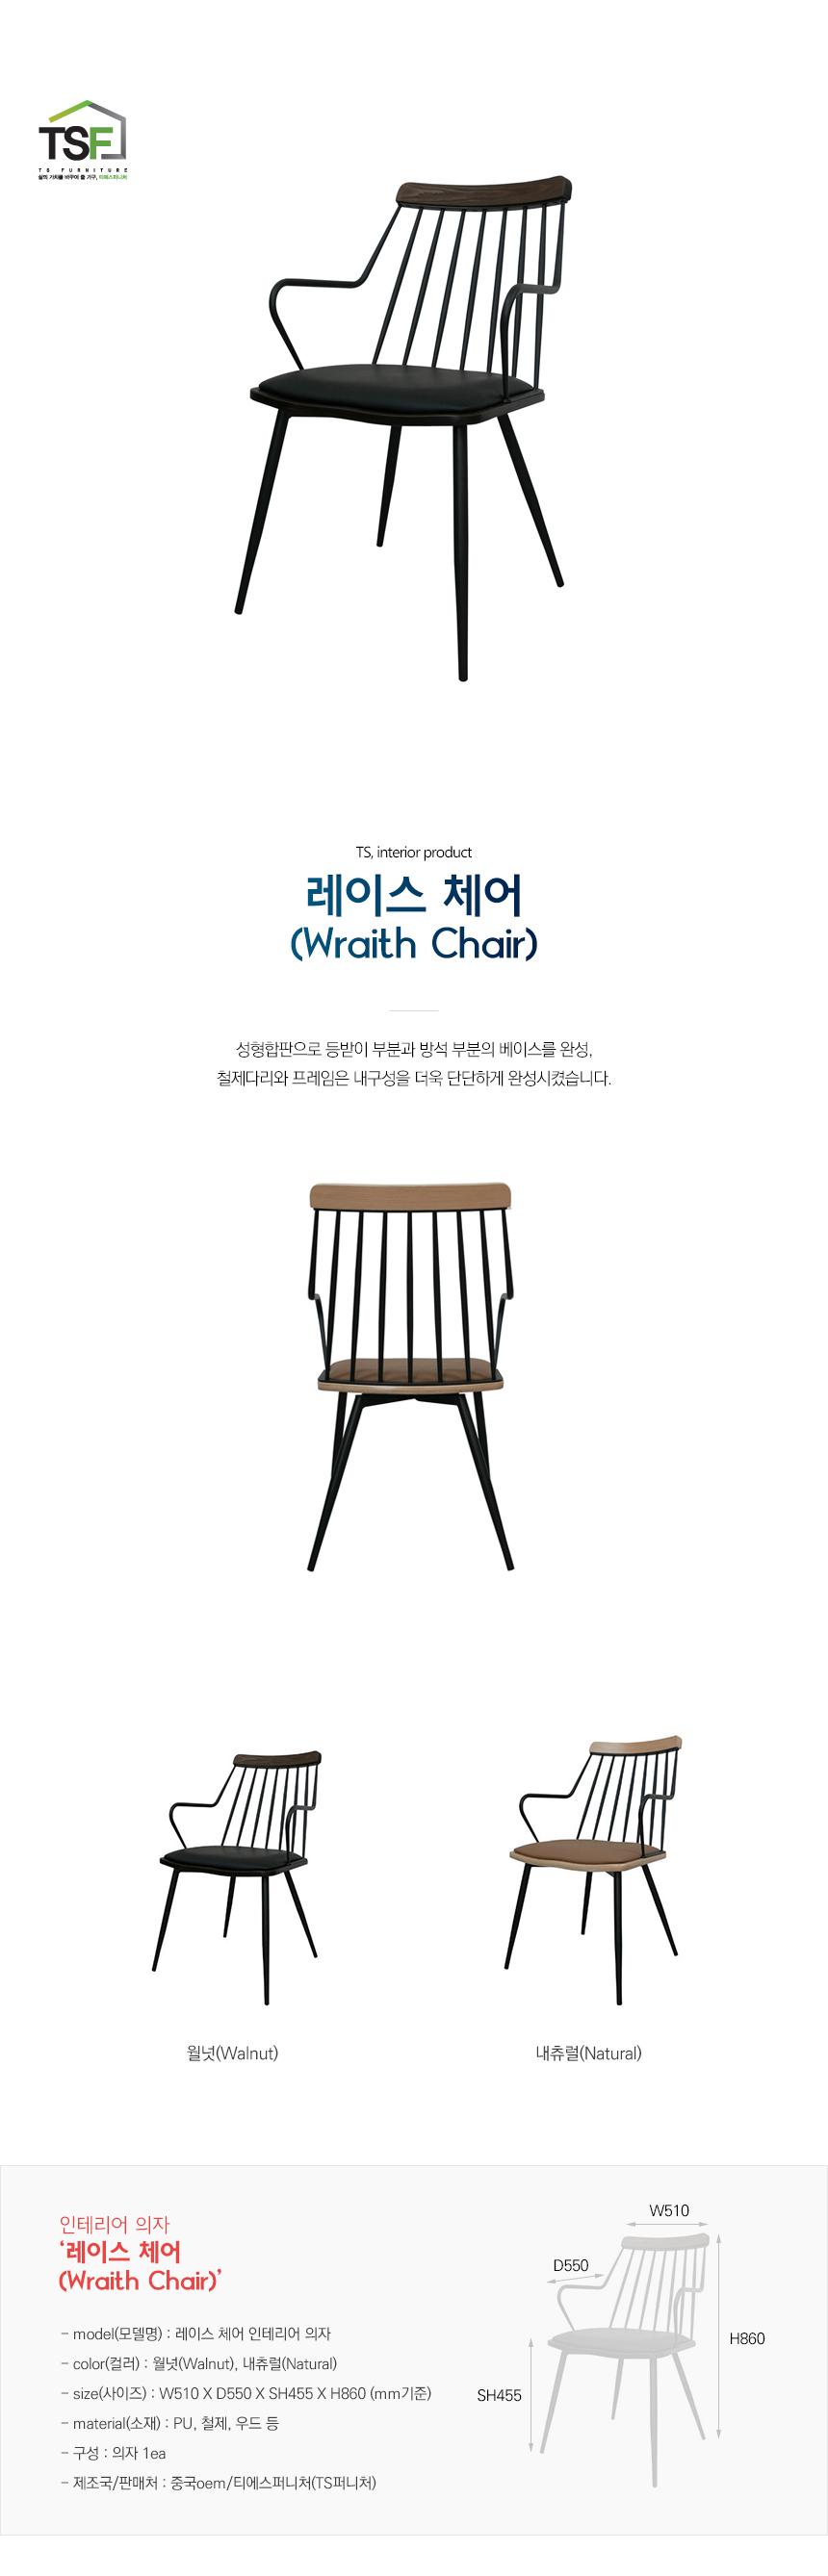 I 레이스 체어 인테리어 의자 - 주식회사 티에스퍼니처, 133,100원, 디자인 의자, 스틸의자